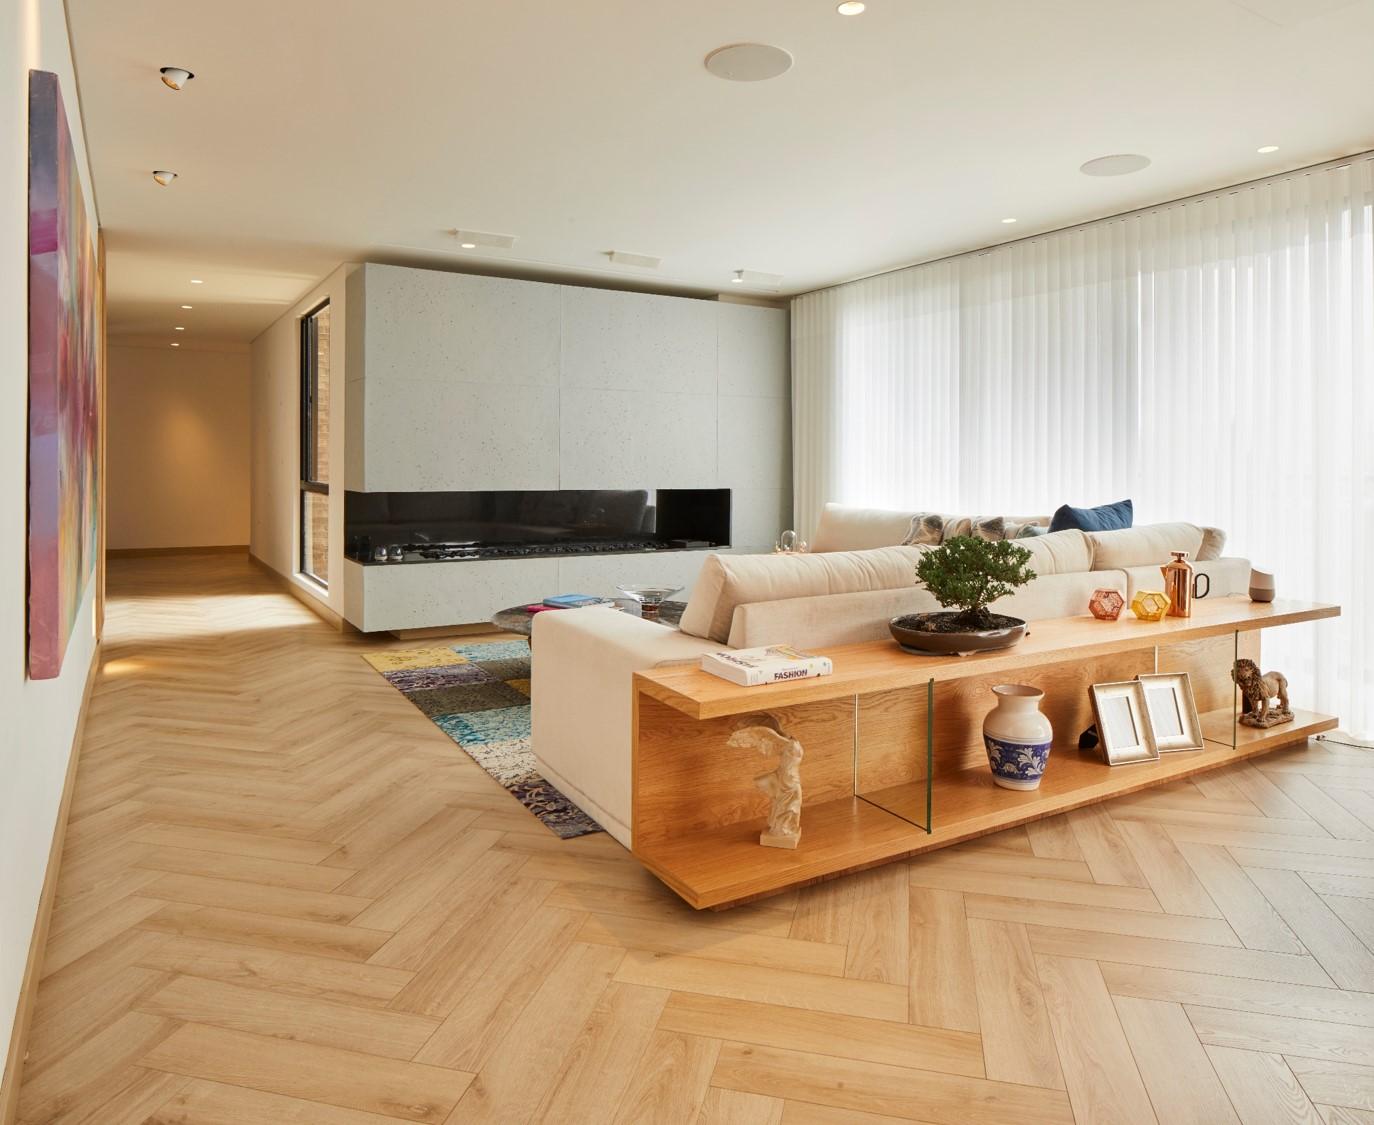 Diseño del salón de descanso.